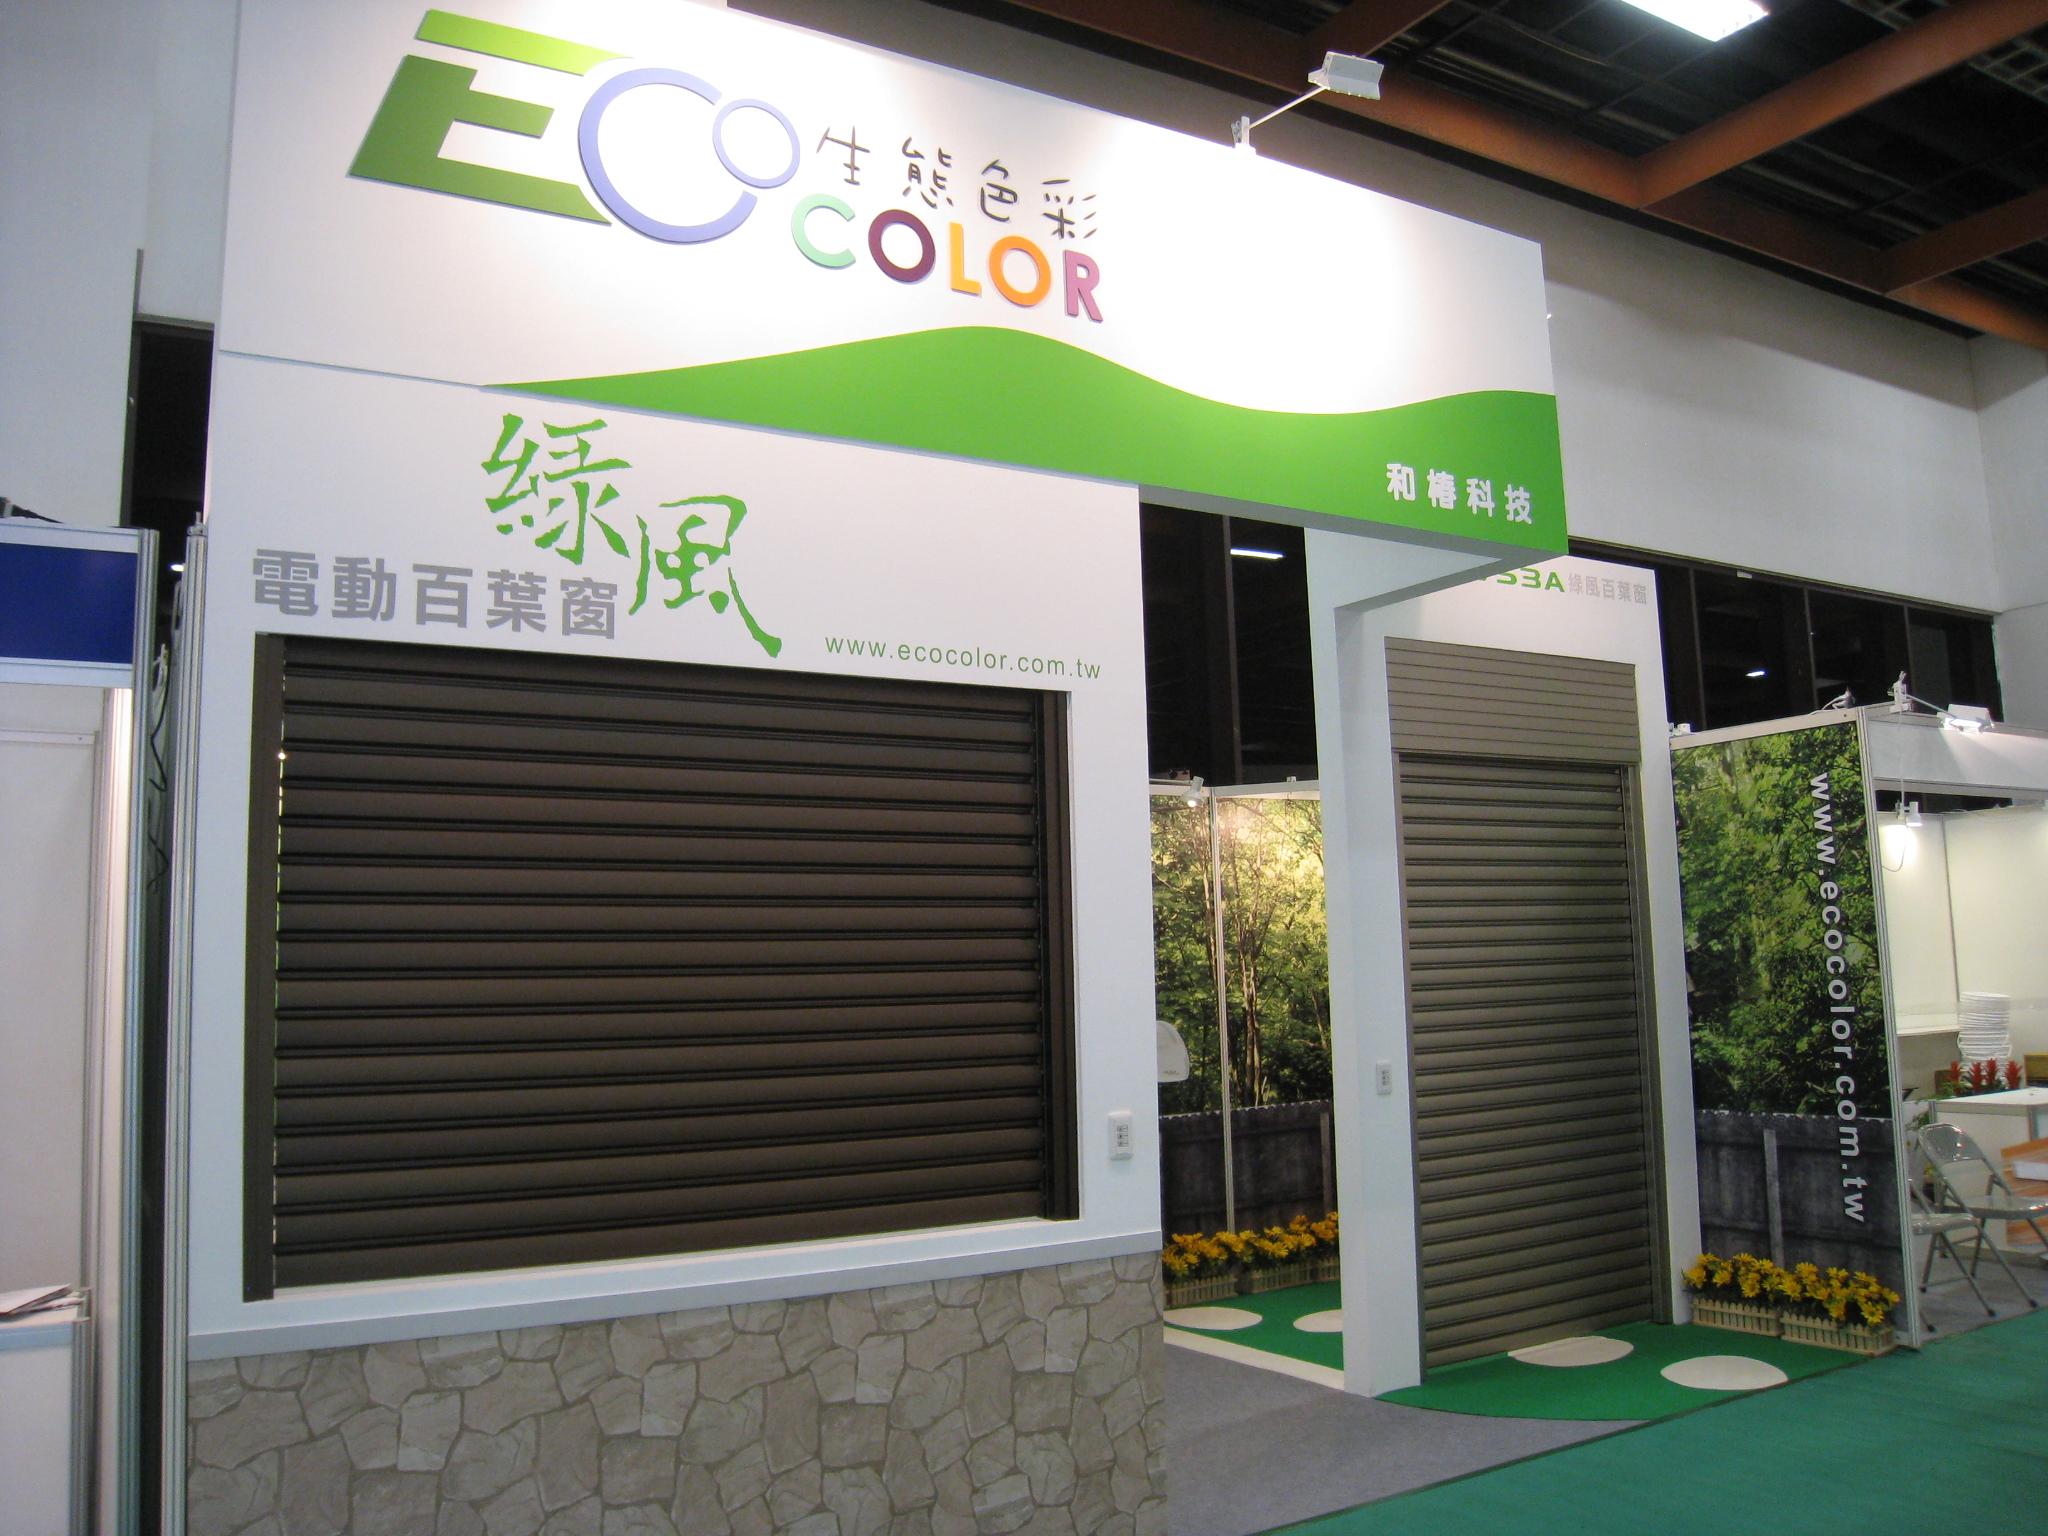 綠風抗風加強型百葉窗